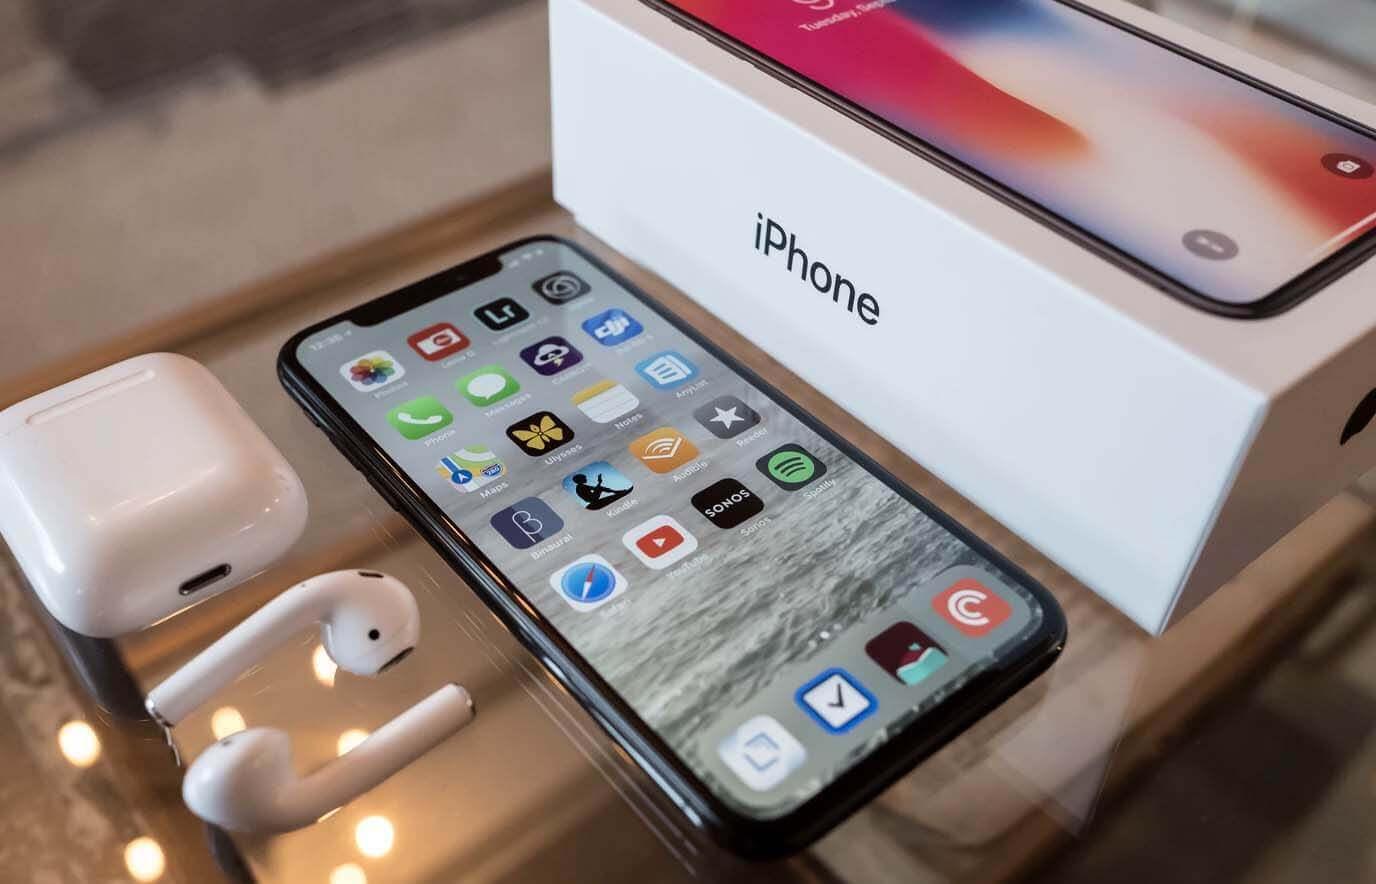 iPhone kopen als los toestel, of met abonnement?